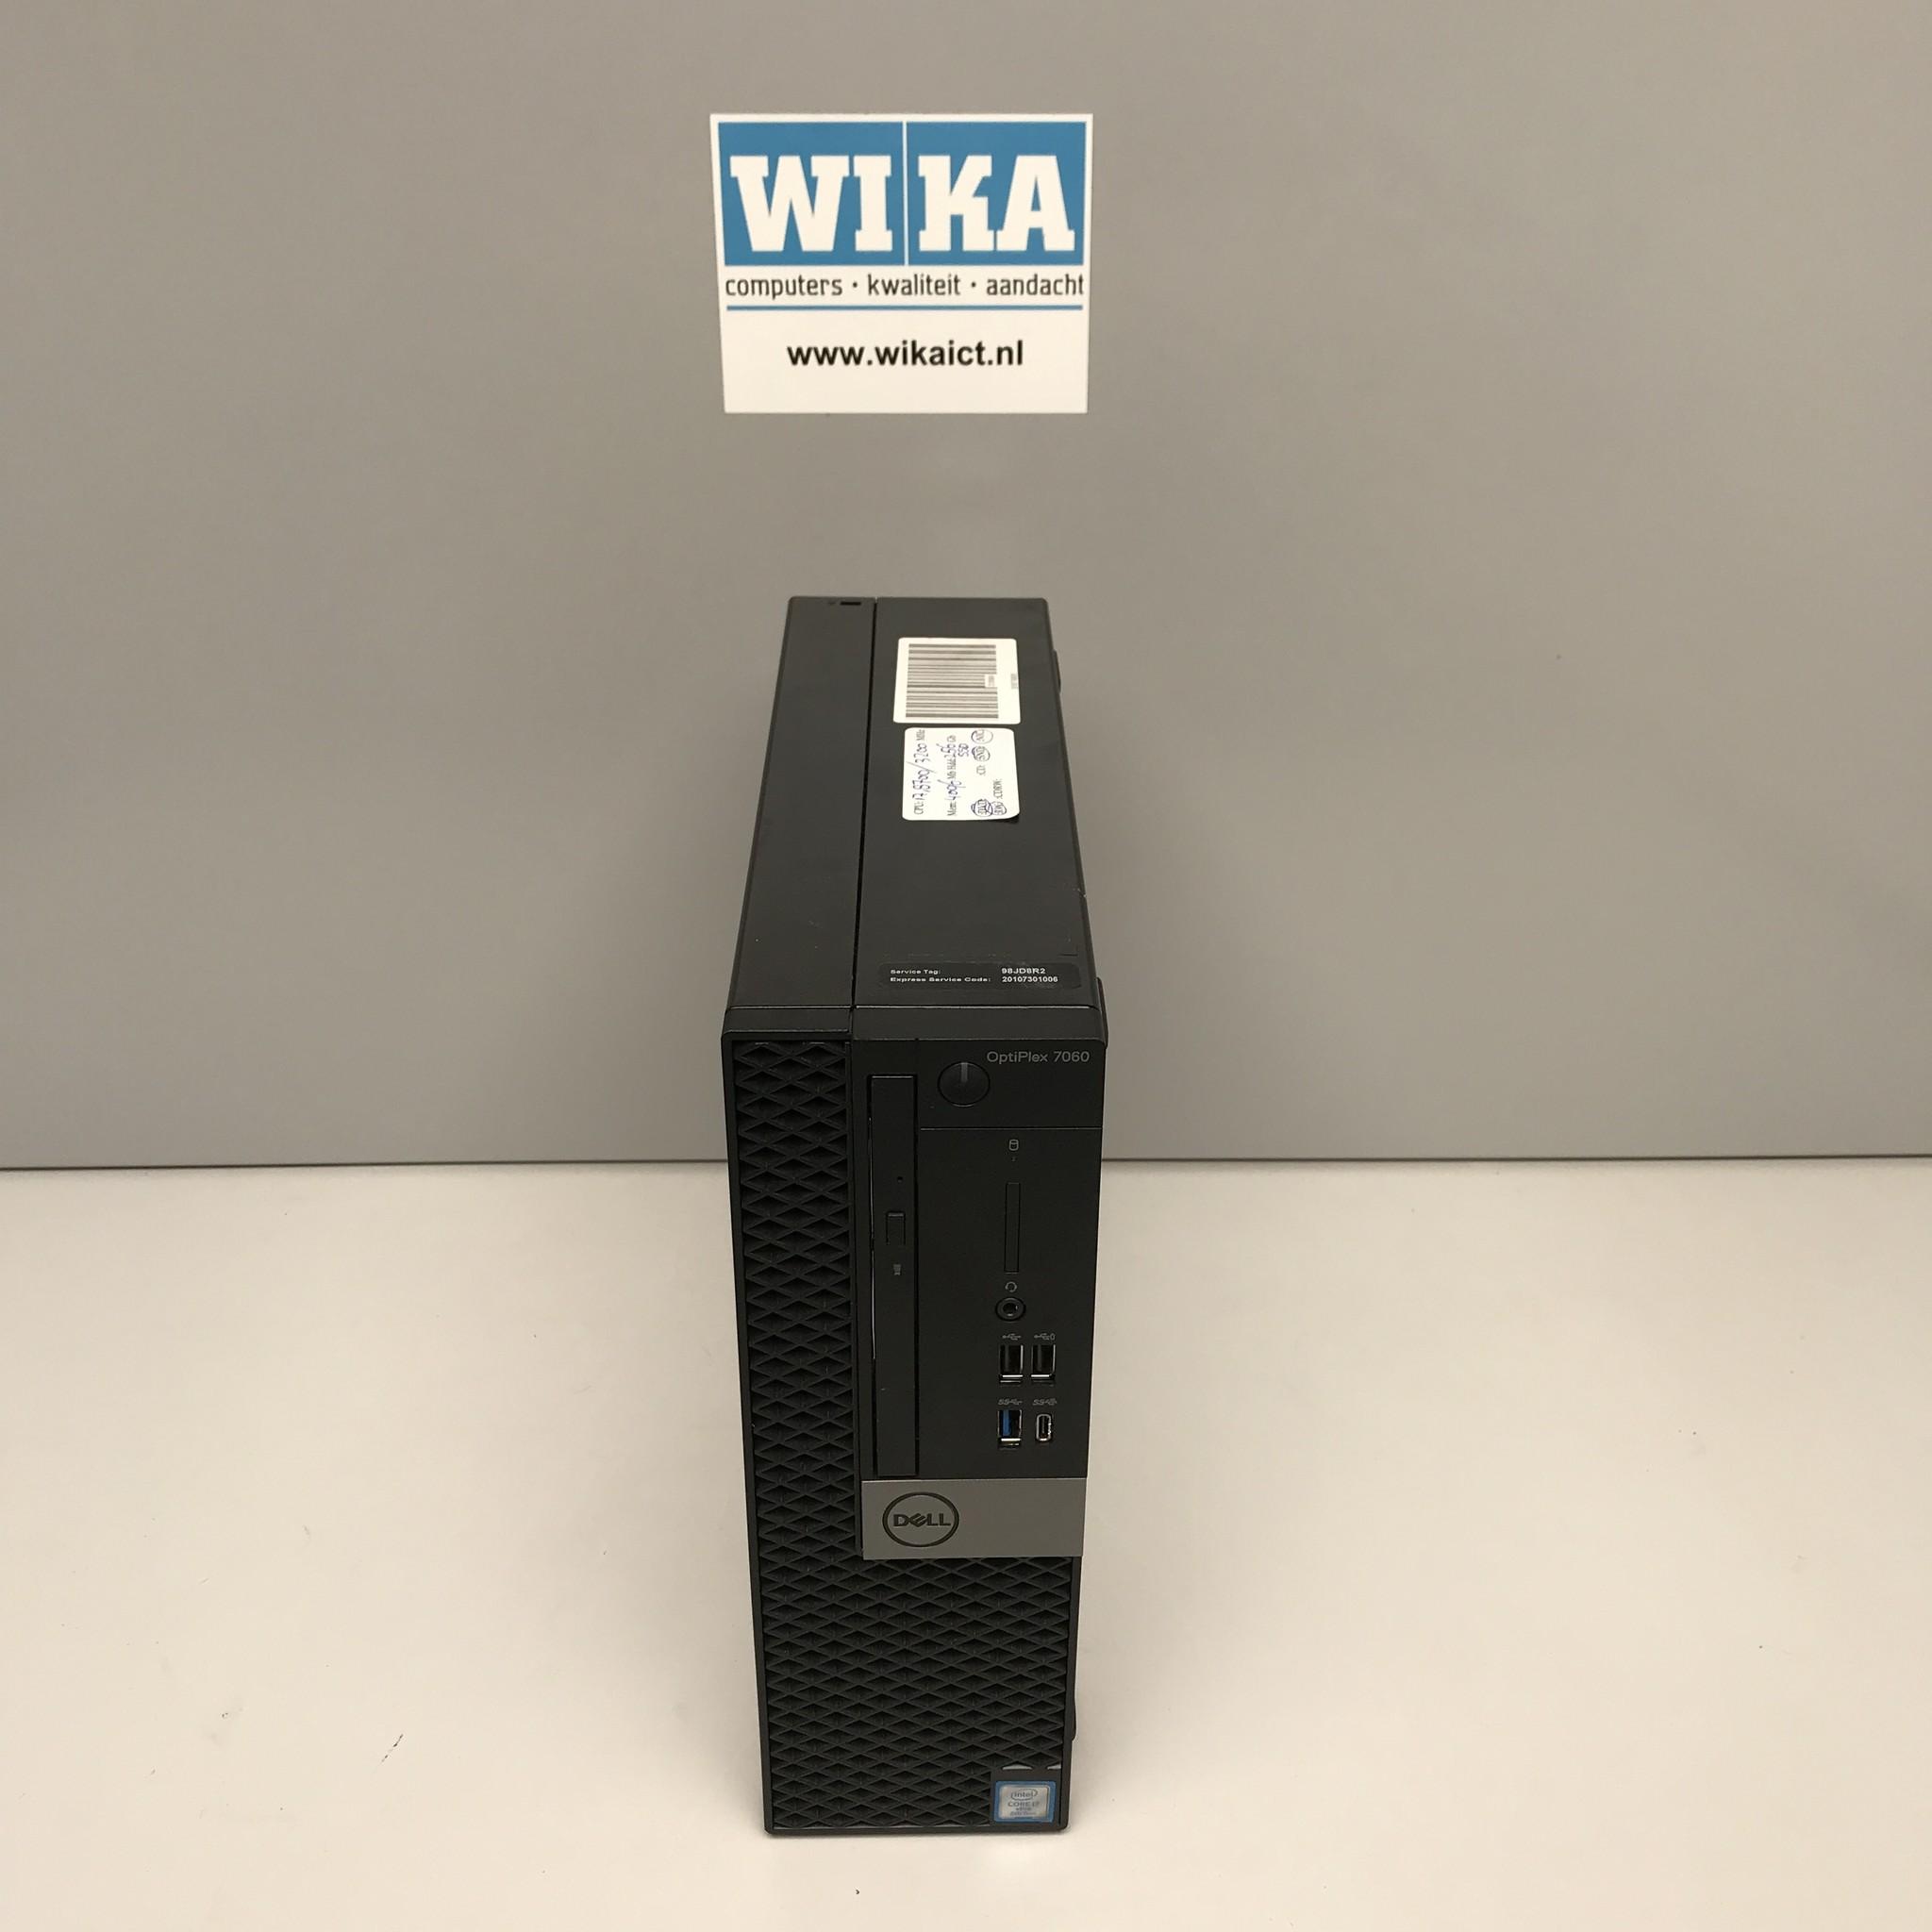 Dell Optiplex 7060 i7-8700 8Gb 256Gb SSD W10 Pro Tiny PC